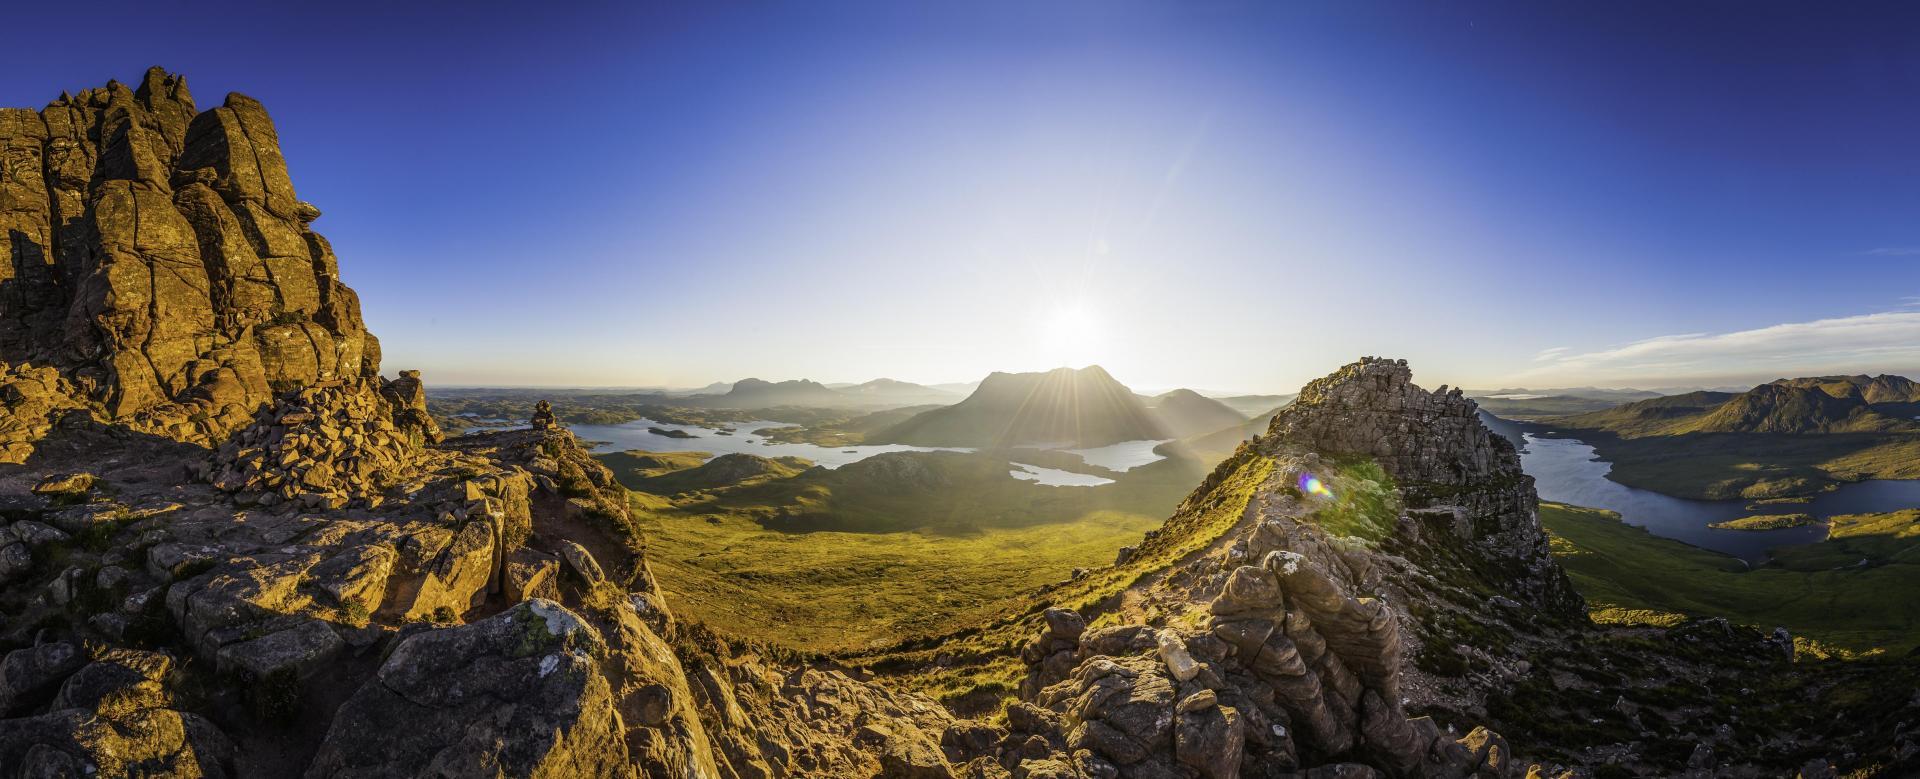 Voyage à pied : West highland way